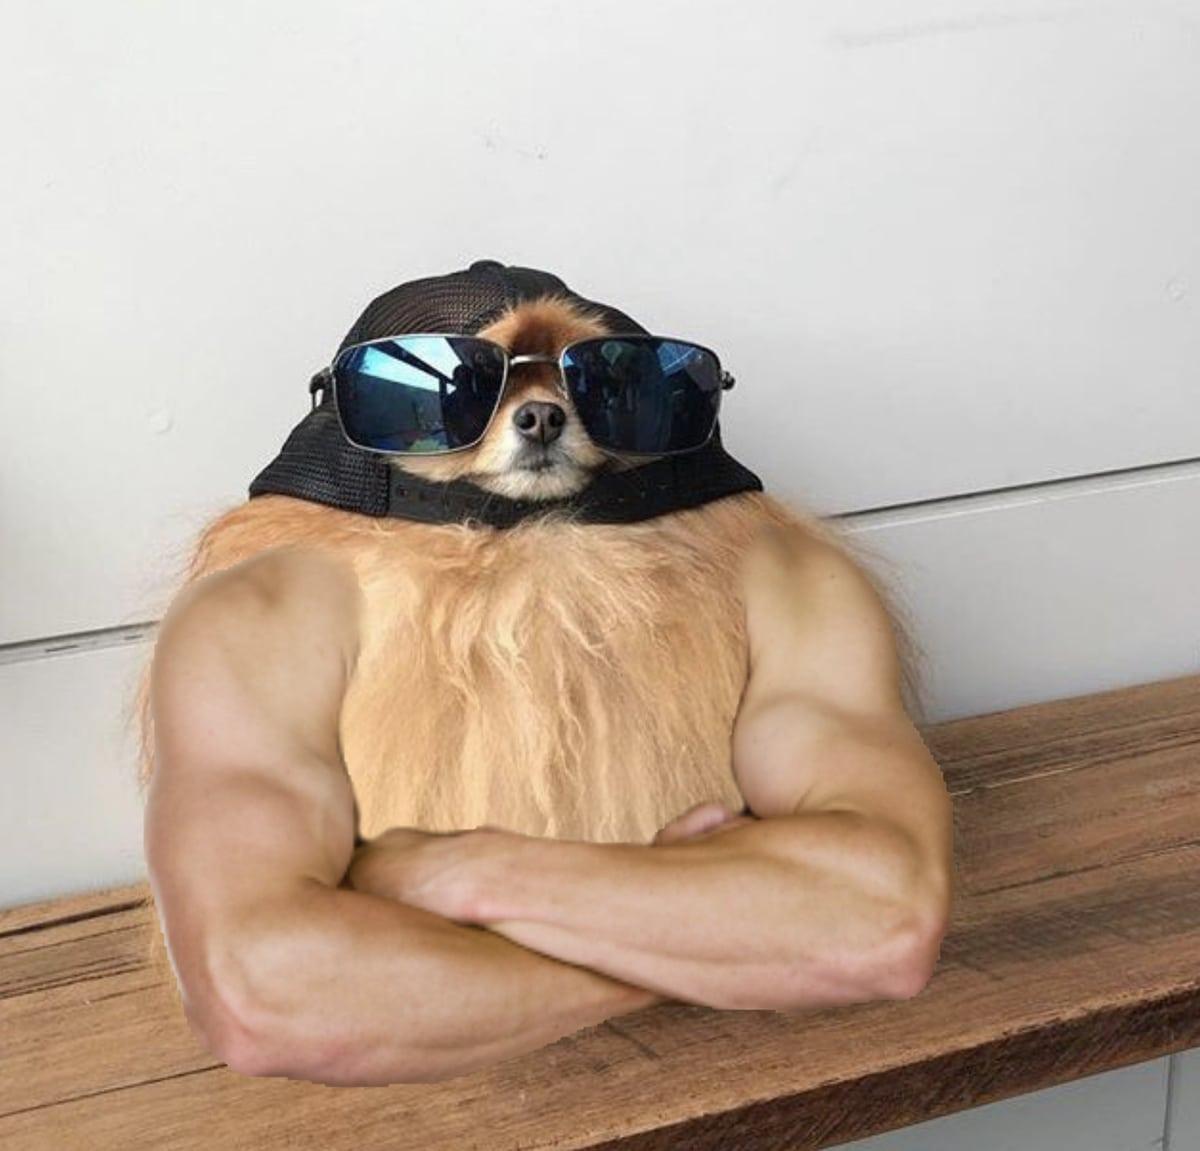 utzi3yb - Пёс в солнечных очках выглядел настолько круто, что попал в битву фотошоперов и стал ещё круче